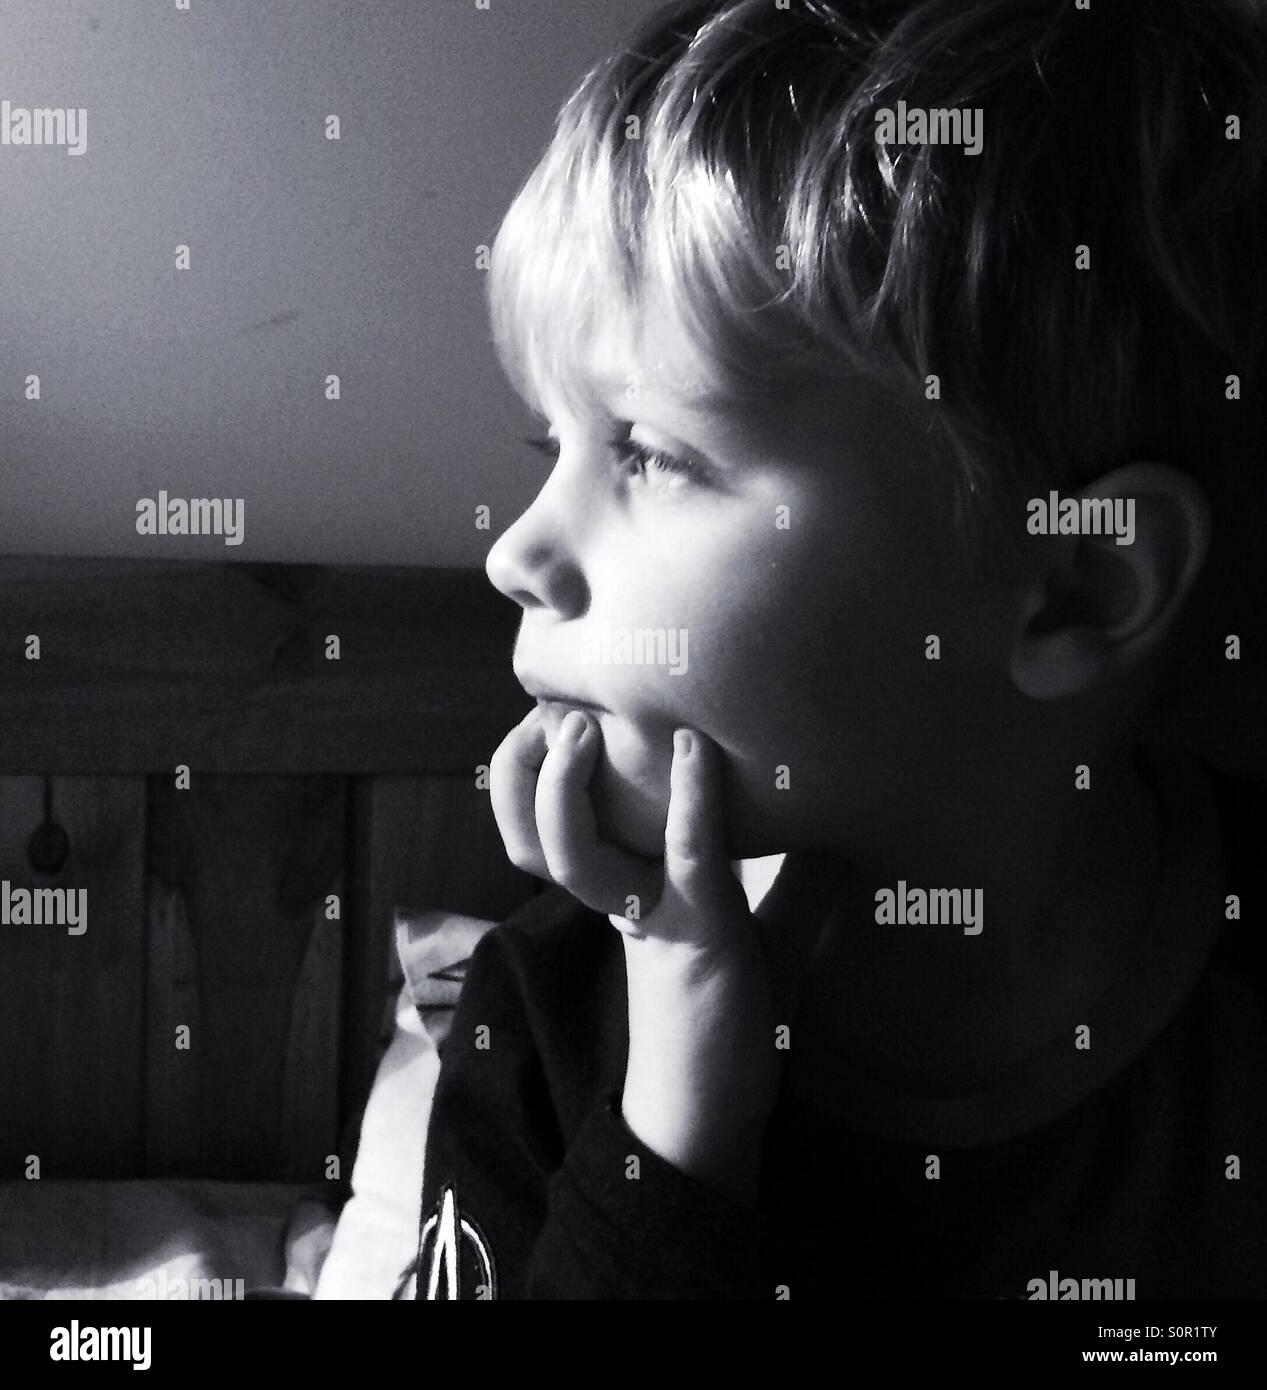 Niño aburrido Imagen De Stock